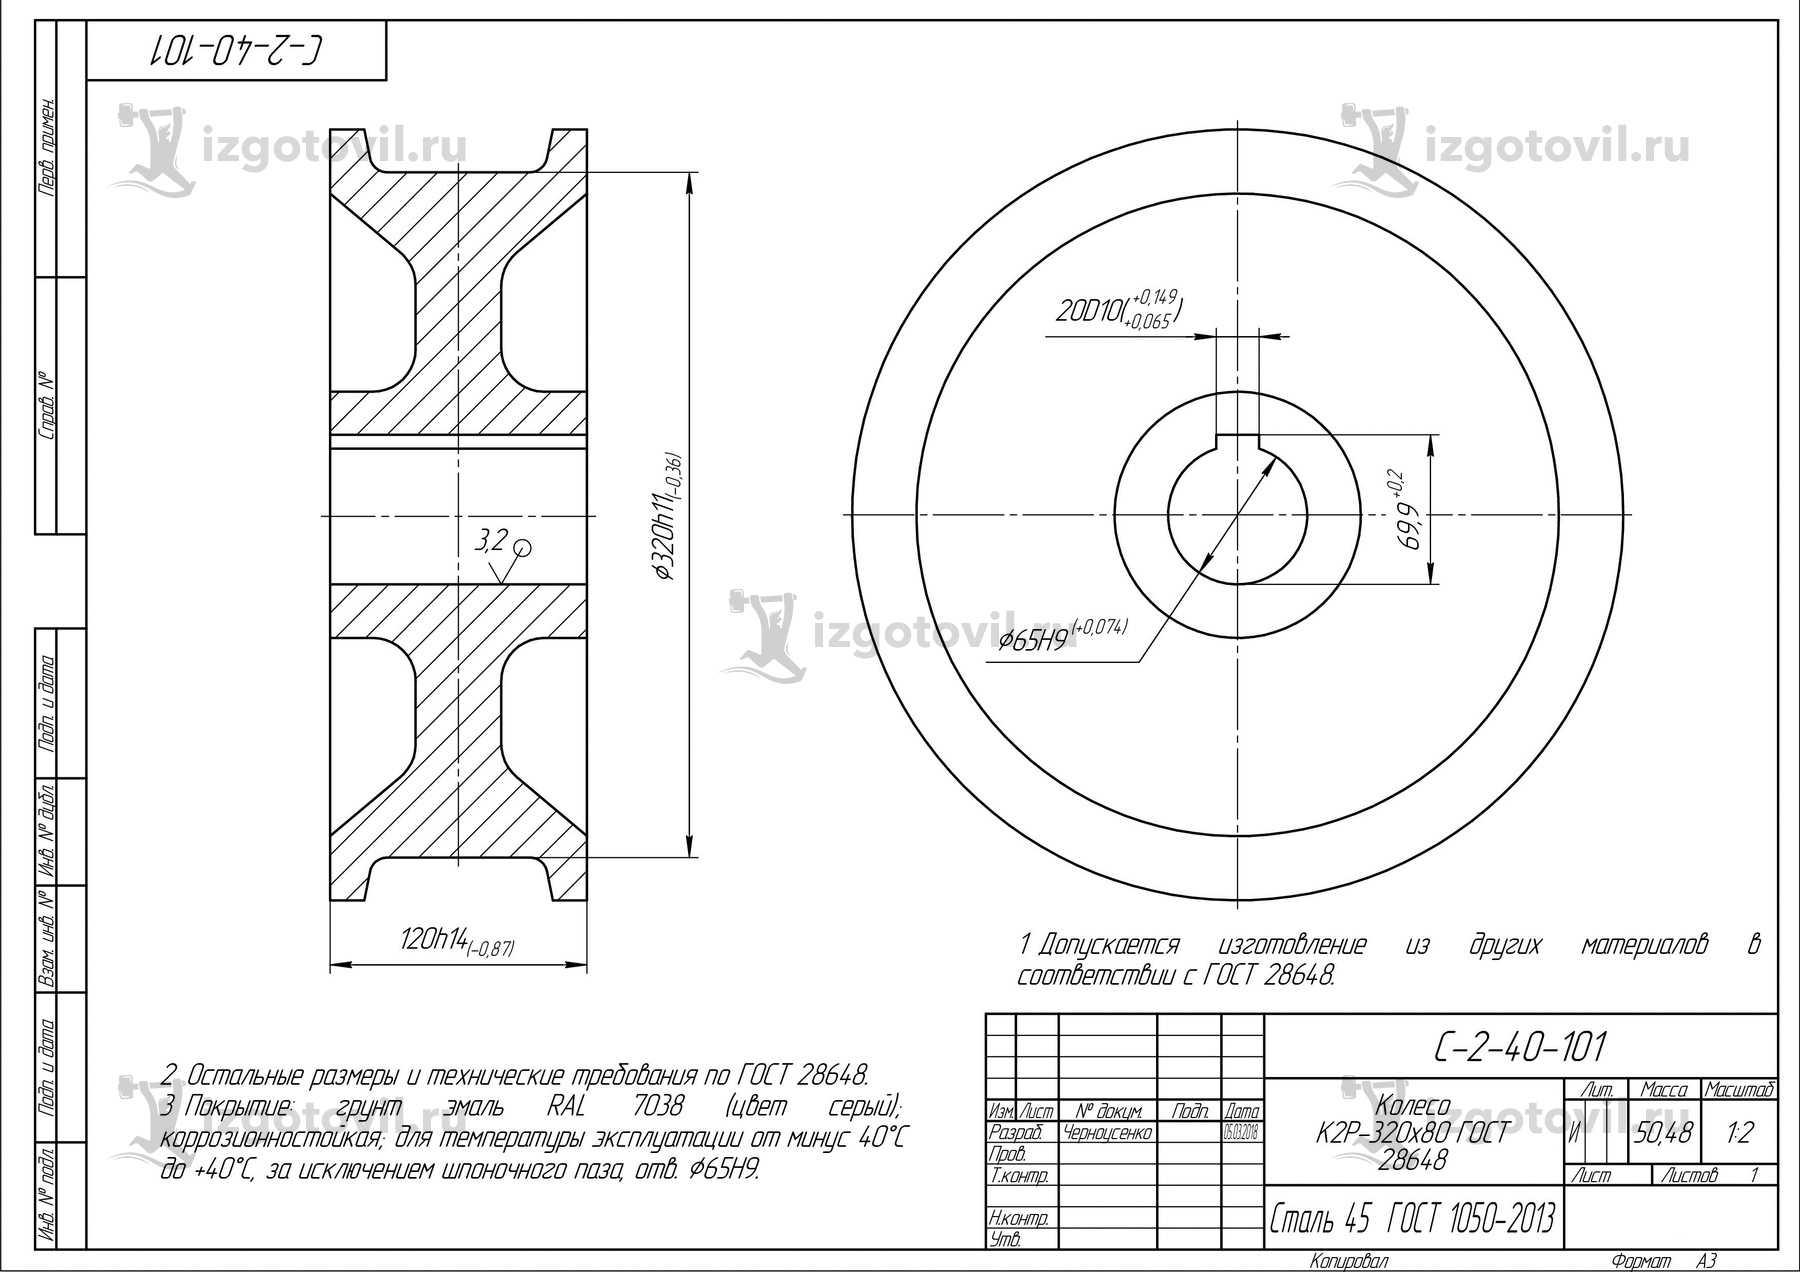 Изготовление деталей по чертежам (букса).